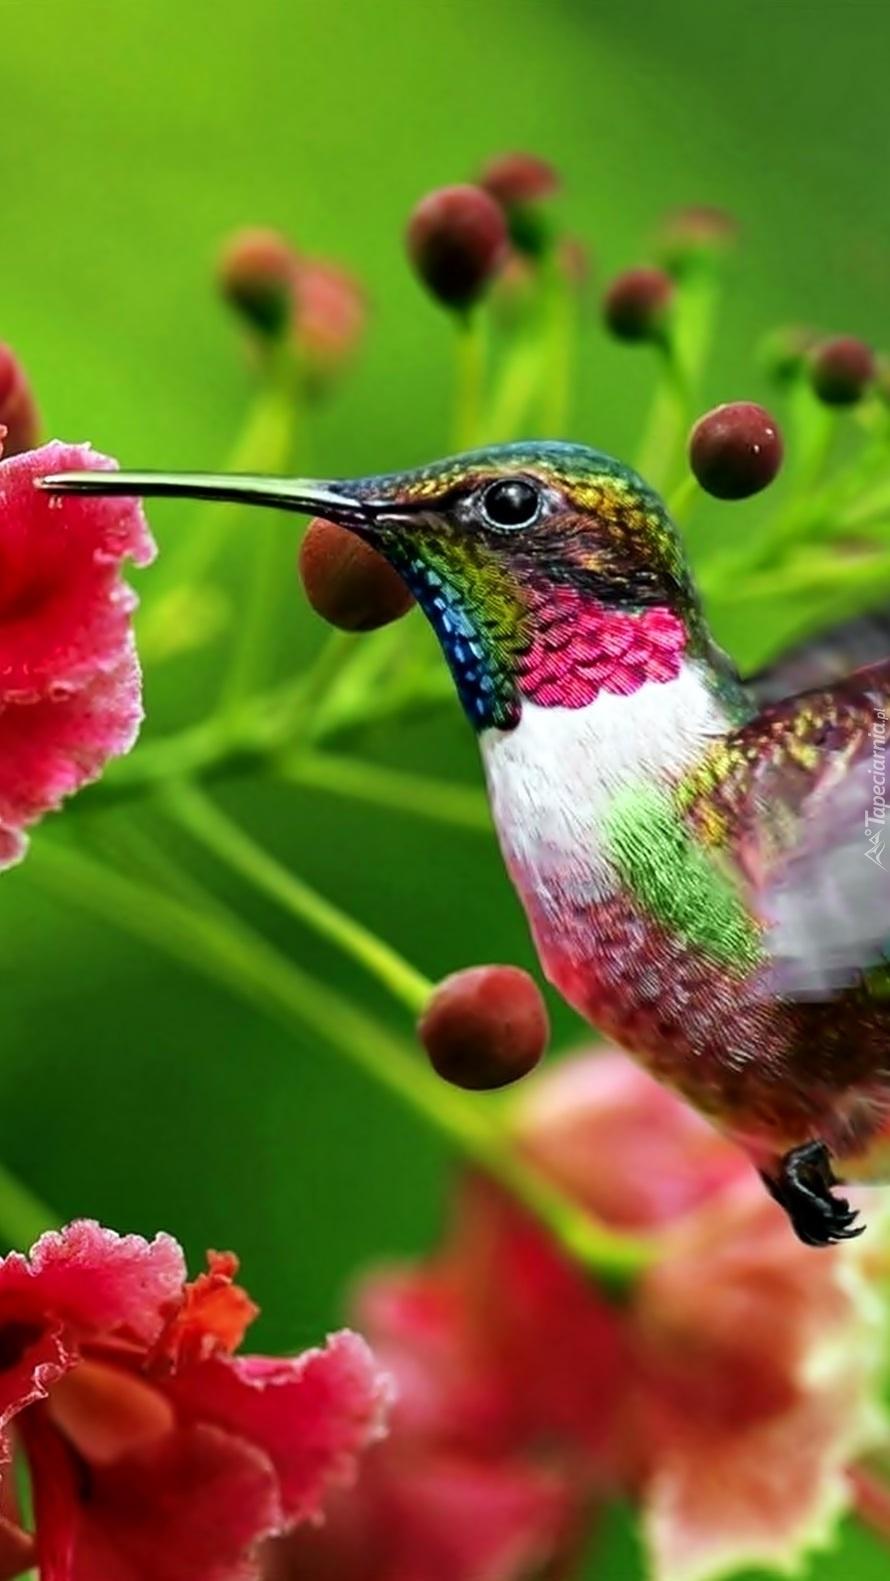 Kolorowy koliber przy czerwonym kwiatku